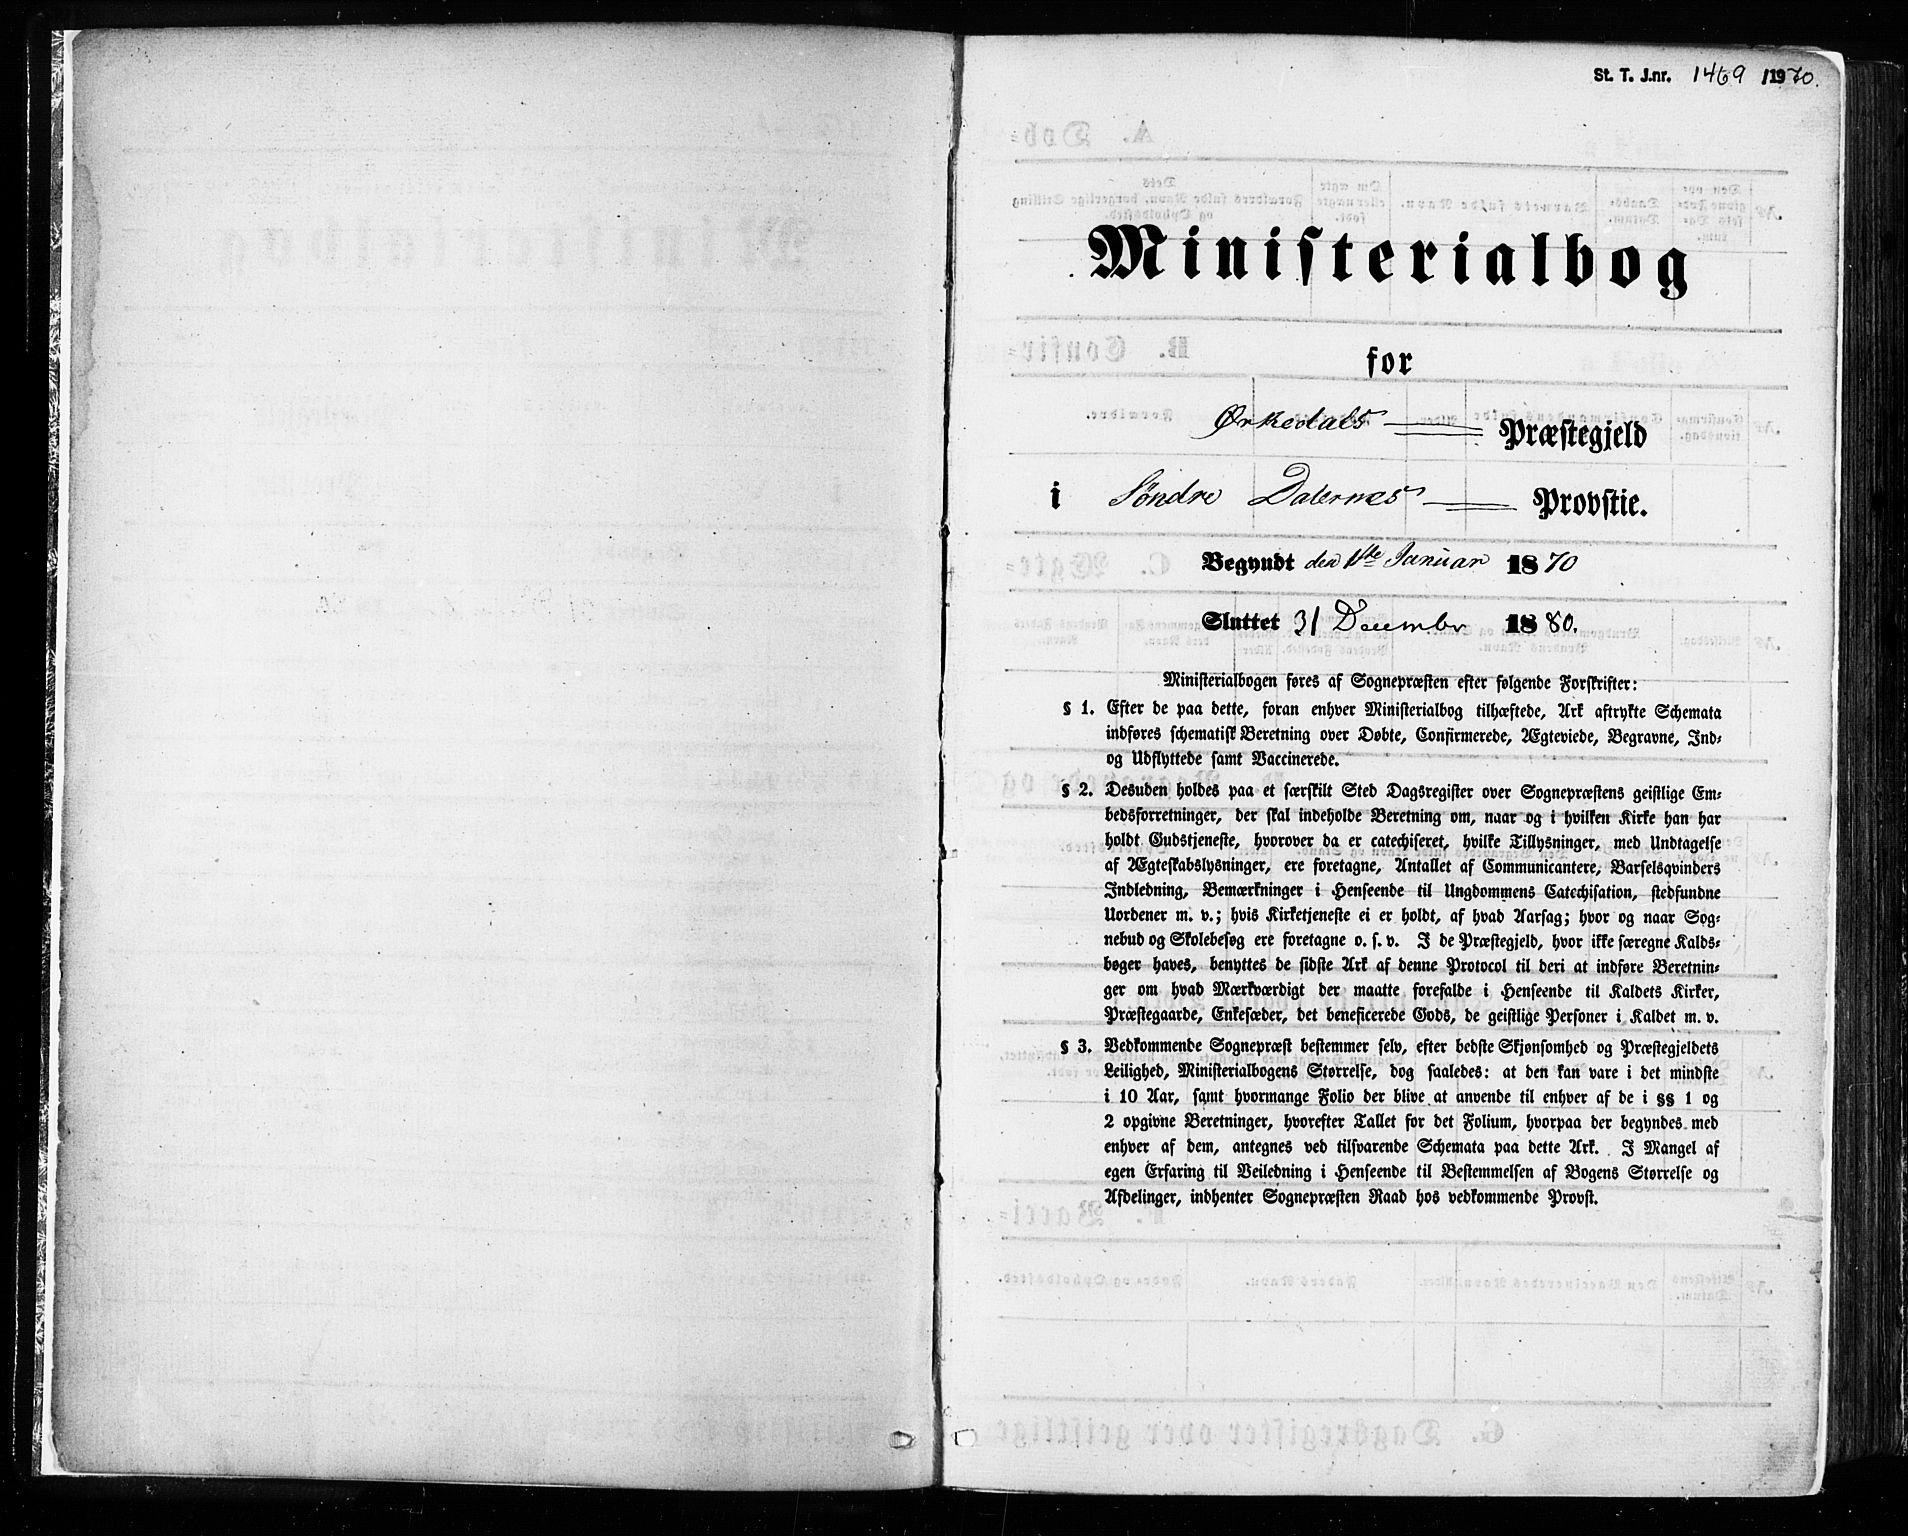 SAT, Ministerialprotokoller, klokkerbøker og fødselsregistre - Sør-Trøndelag, 668/L0807: Ministerialbok nr. 668A07, 1870-1880